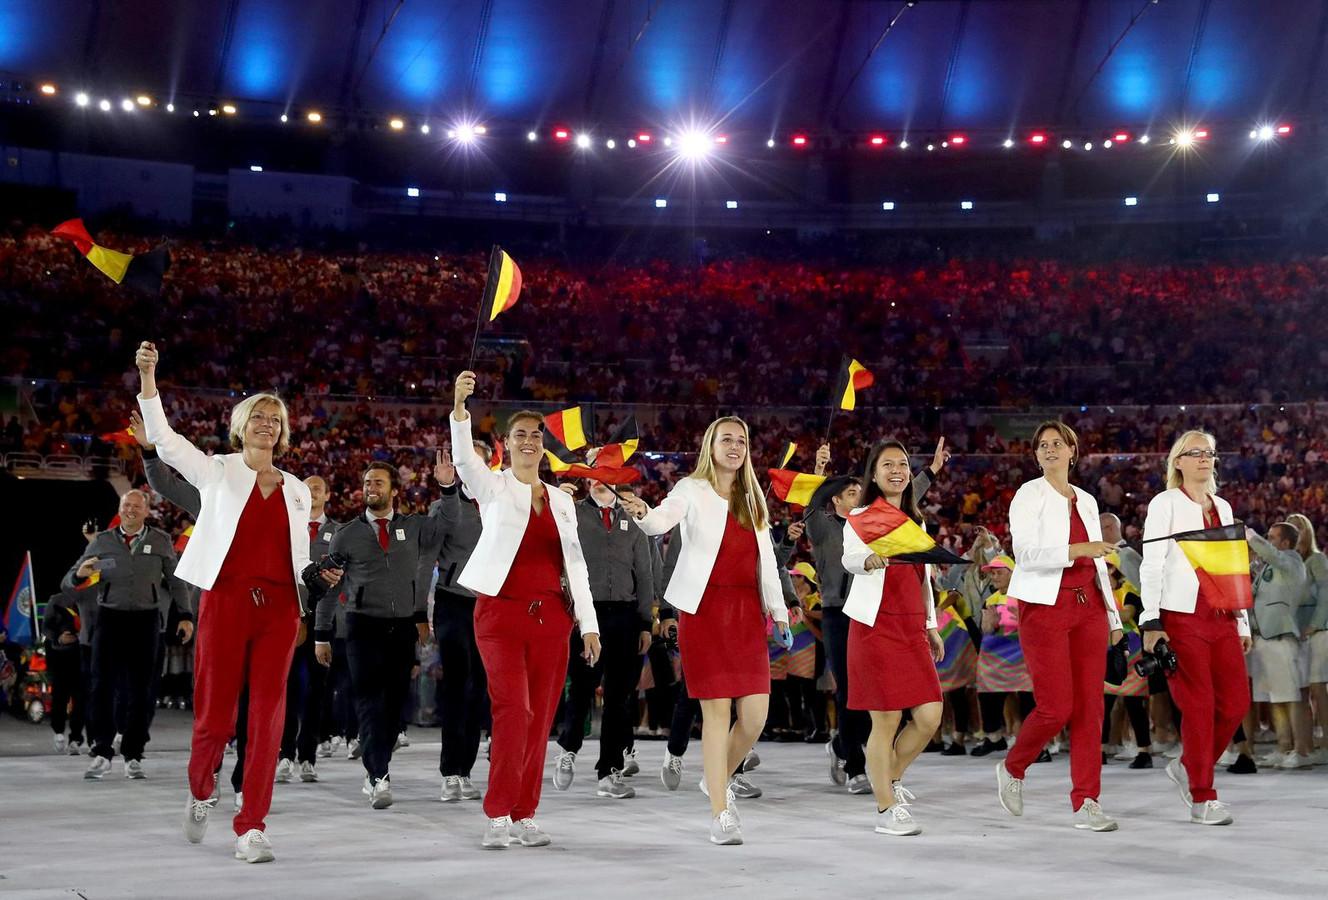 De Belgische delegatie op de openingsceremonie van de Spelen in Rio.